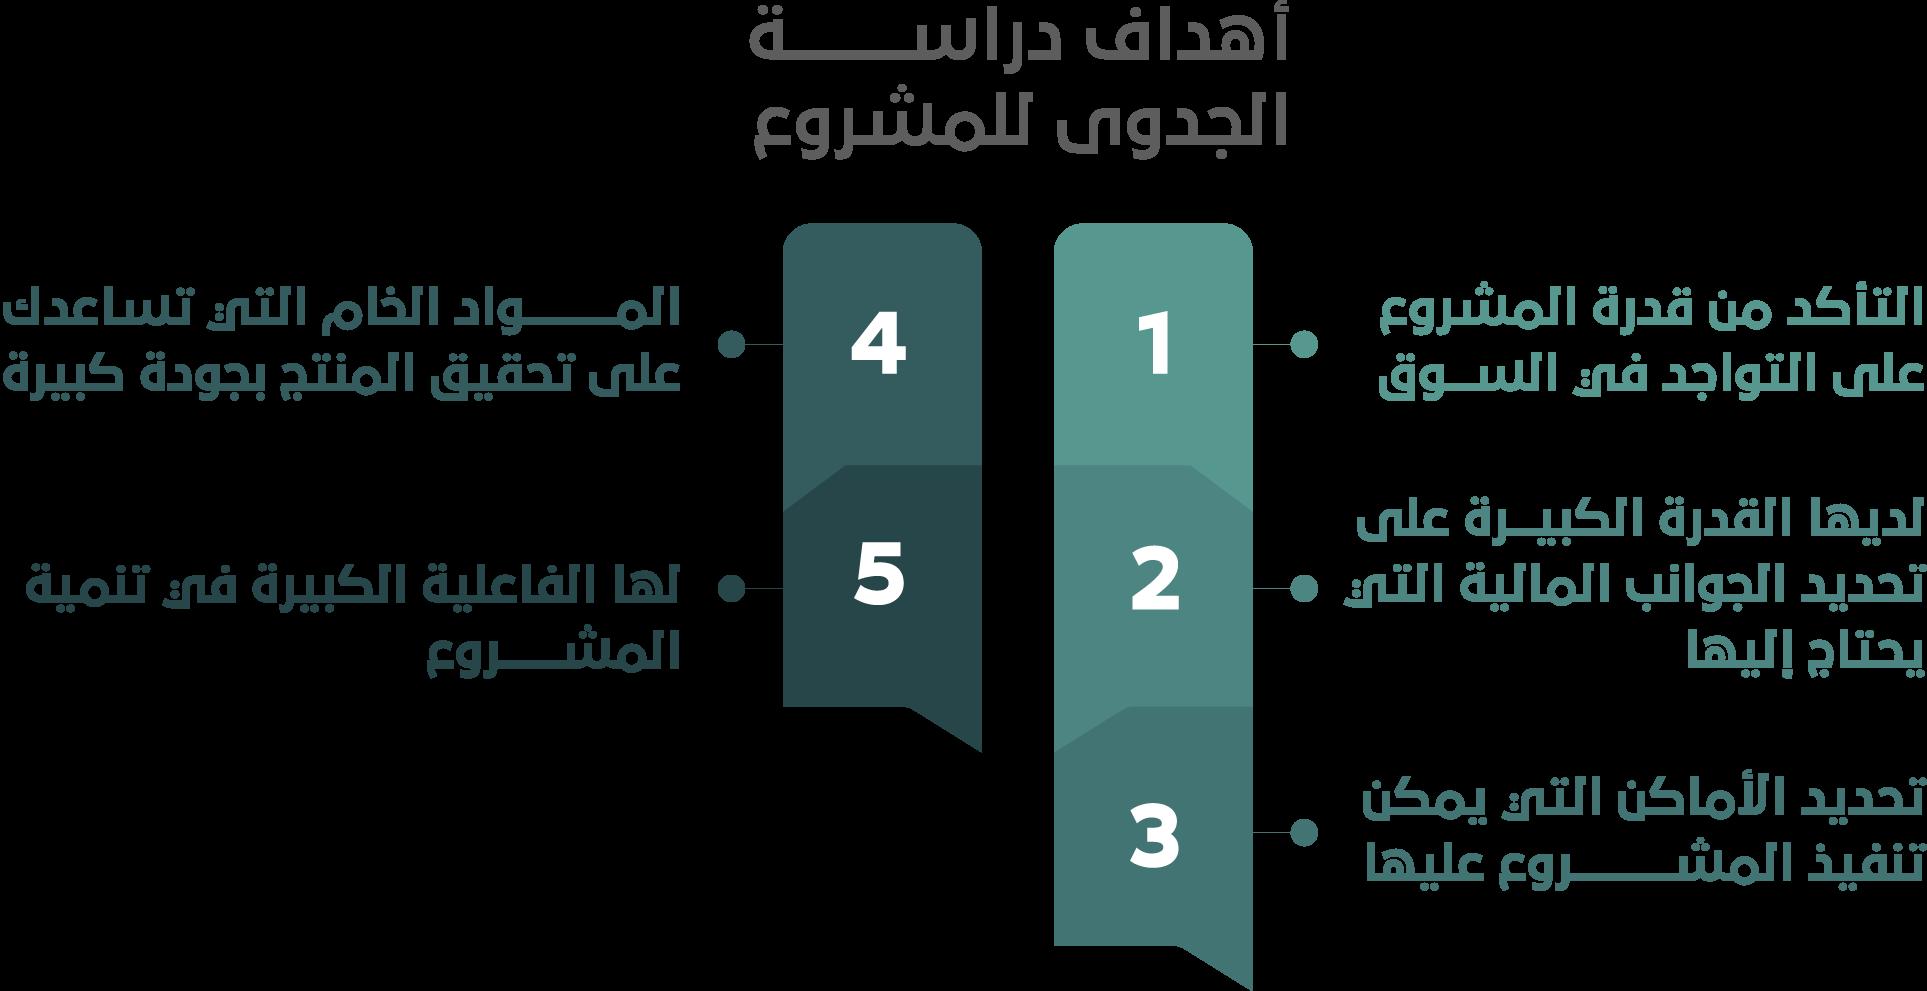 %D8%A3%D9%87%D8%AF%D8%A7%D9%81 %D8%AF%D8%B1%D8%A7%D8%B3%D8%A9 %D8%A7%D9%84%D8%AC%D8%AF%D9%88%D9%89 %D9%84%D9%84%D9%85%D8%B4%D8%B1%D9%88%D8%B9 - 5 نصائح ترشدك إلى اختيار أفضل مكتب دراسة جدوى معتمد في المملكة